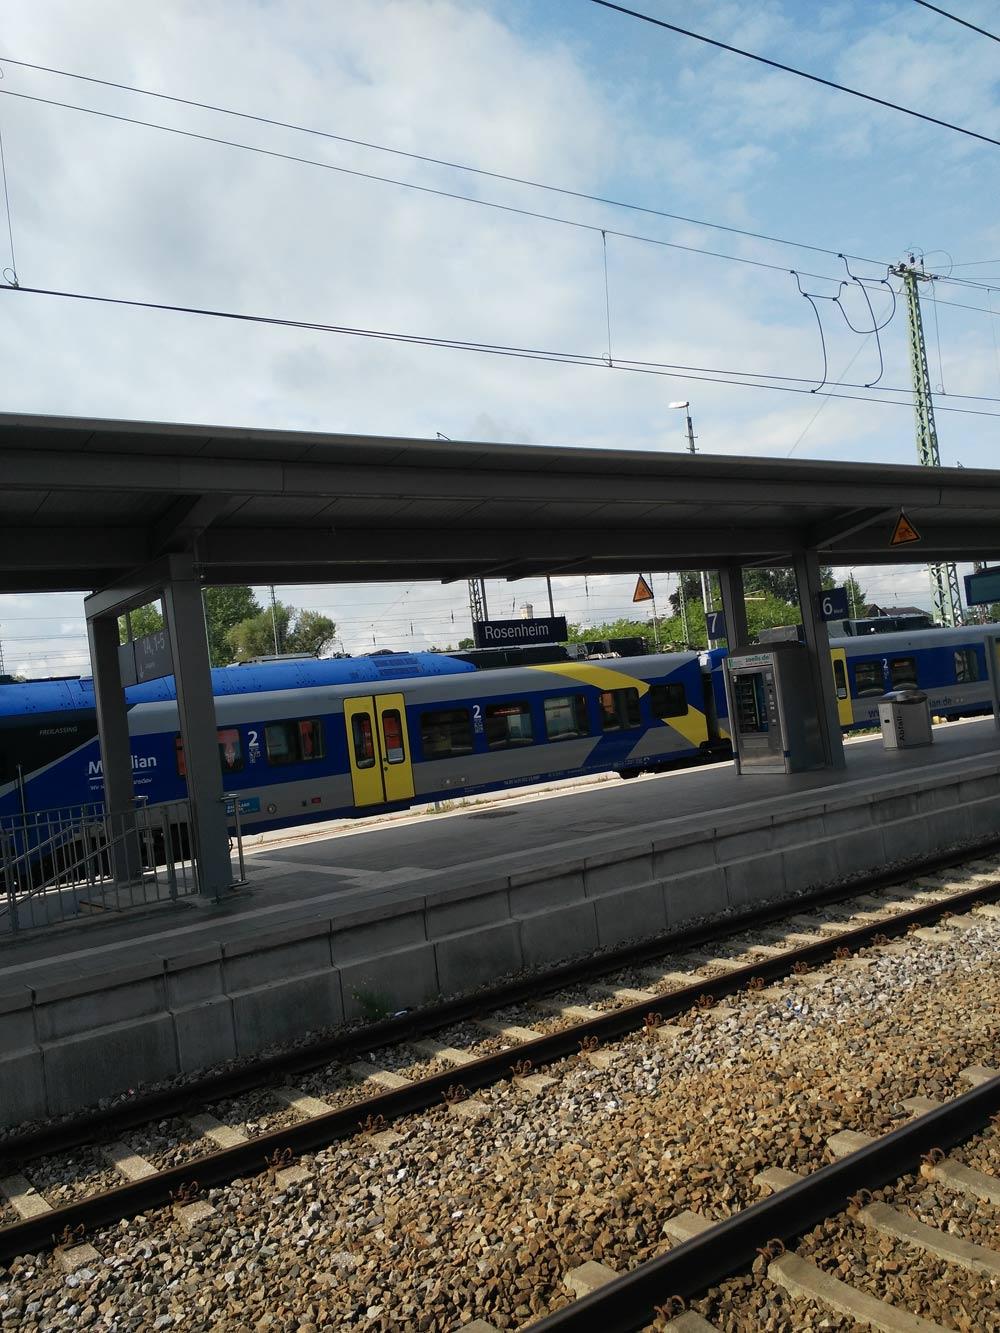 Rosenheim Bahnhof, Teil 2. Das da drüben ist der Meridian der Transdev GmbH. Verbindet zuverlässig MUC, RO, Salzburg, Kufstein und Chiemgau. Toilette on Board.